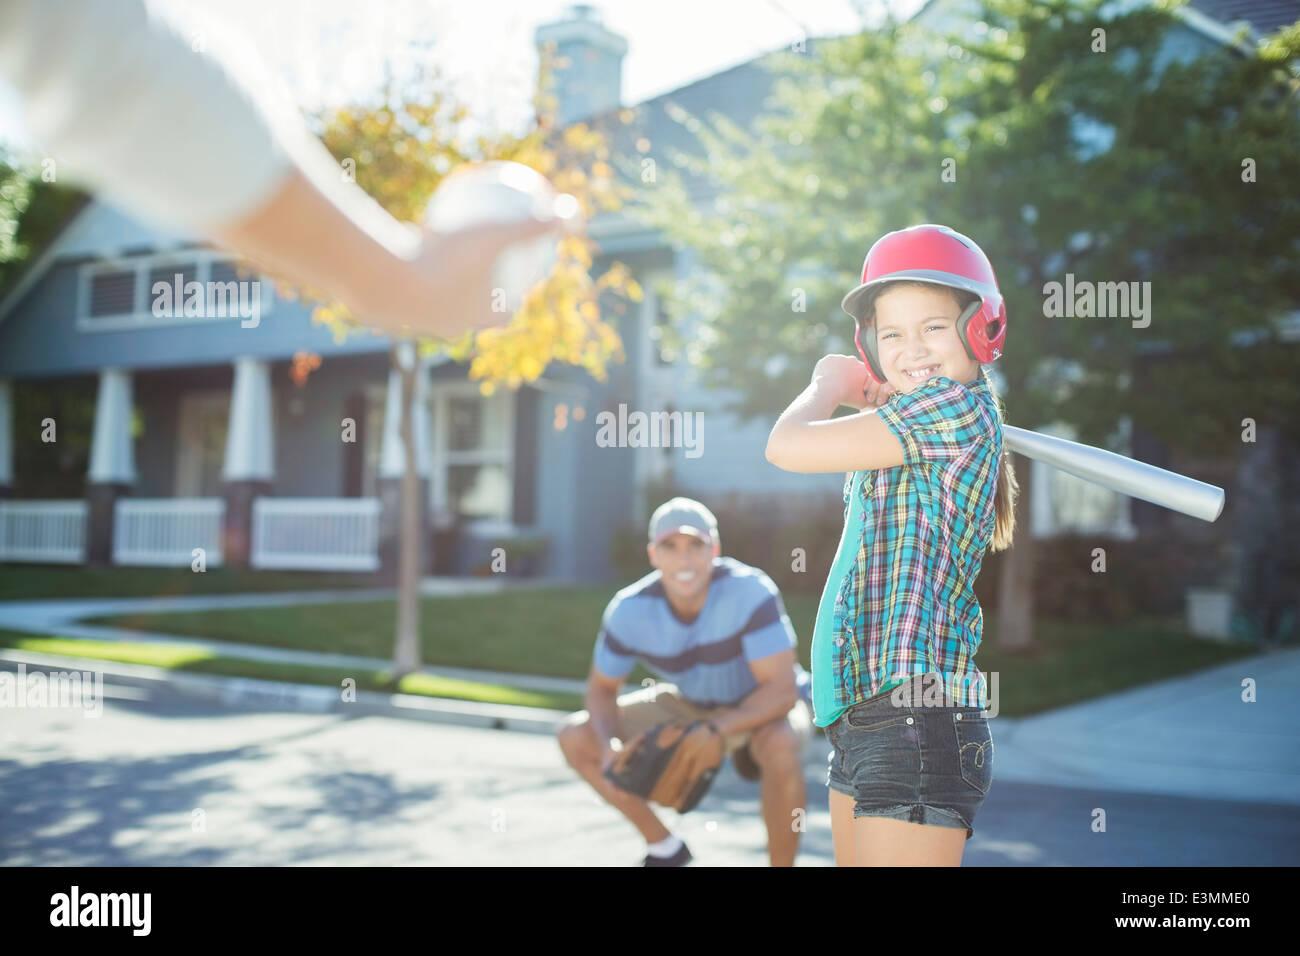 Familia jugando béisbol en calle Imagen De Stock